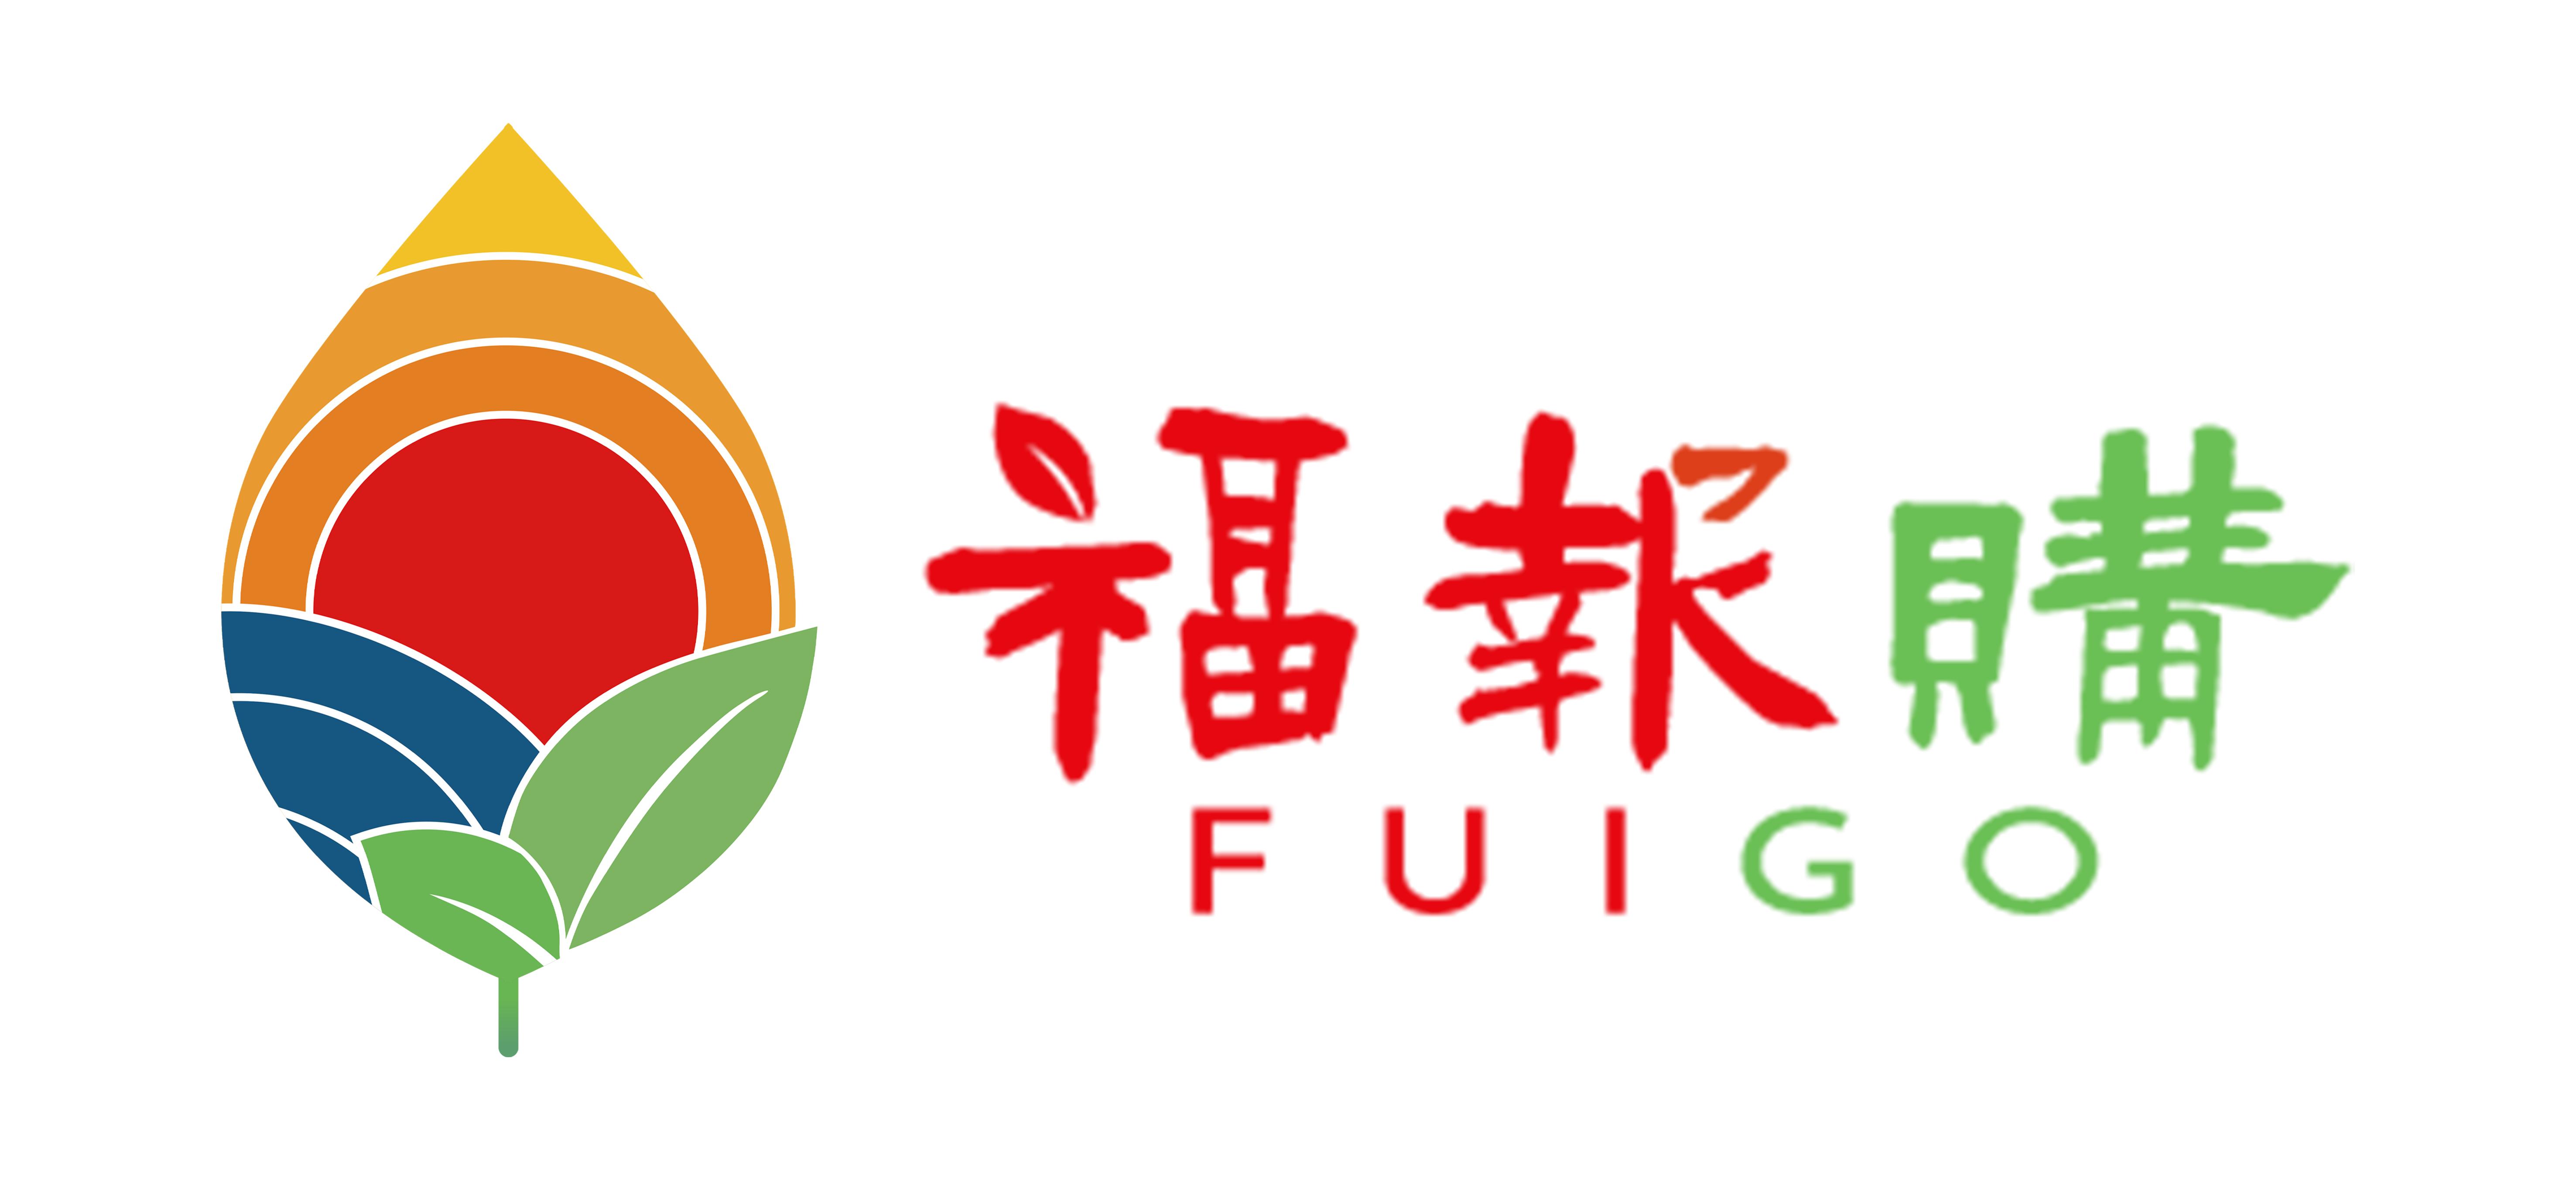 福報購購物商城,台灣第一素食、環保、愛地球的素食購物商城